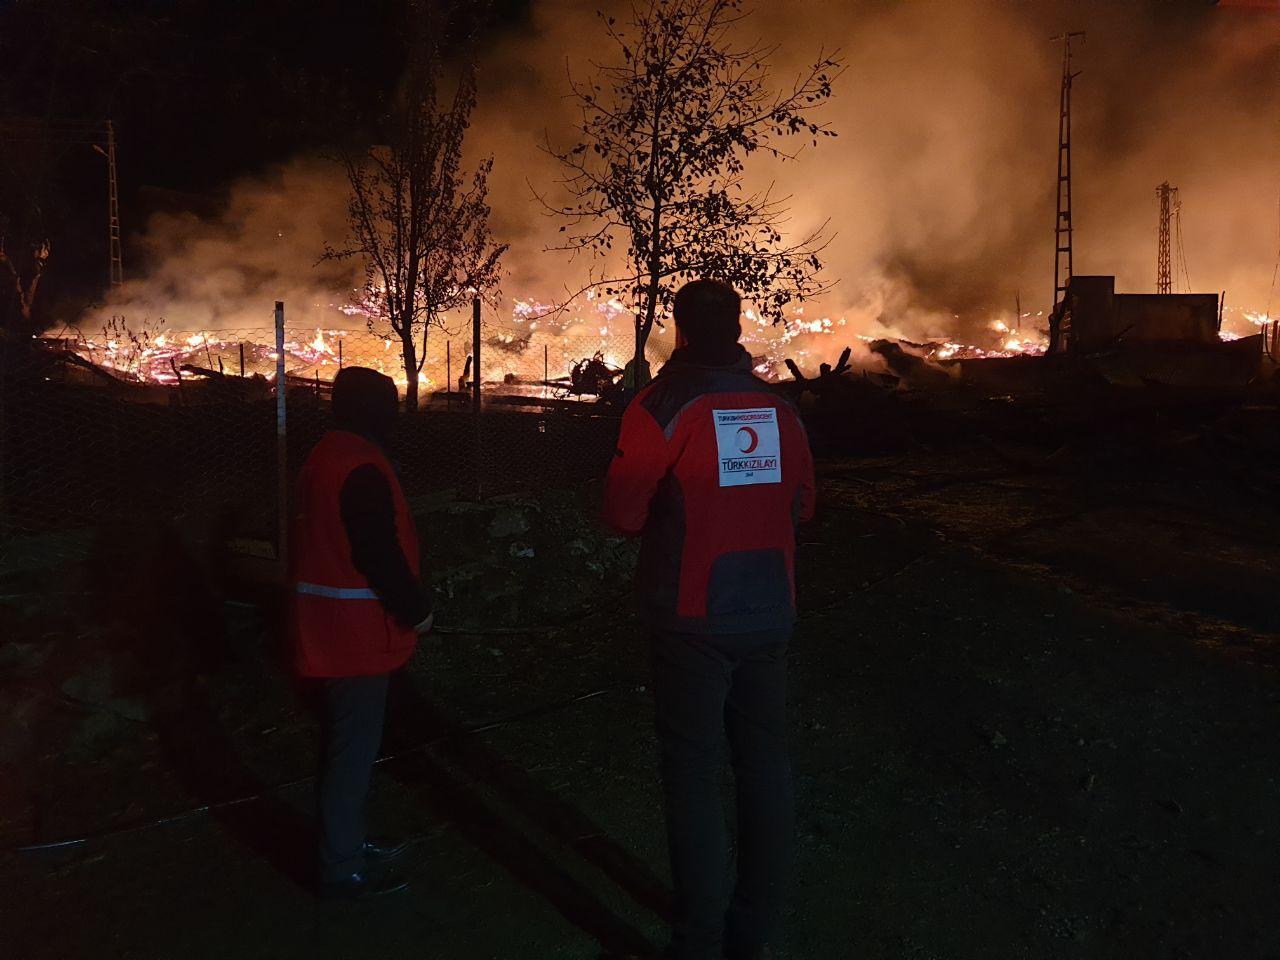 Kastamonu'da korkutan yangın: 1 cami ve 10 ev yandı